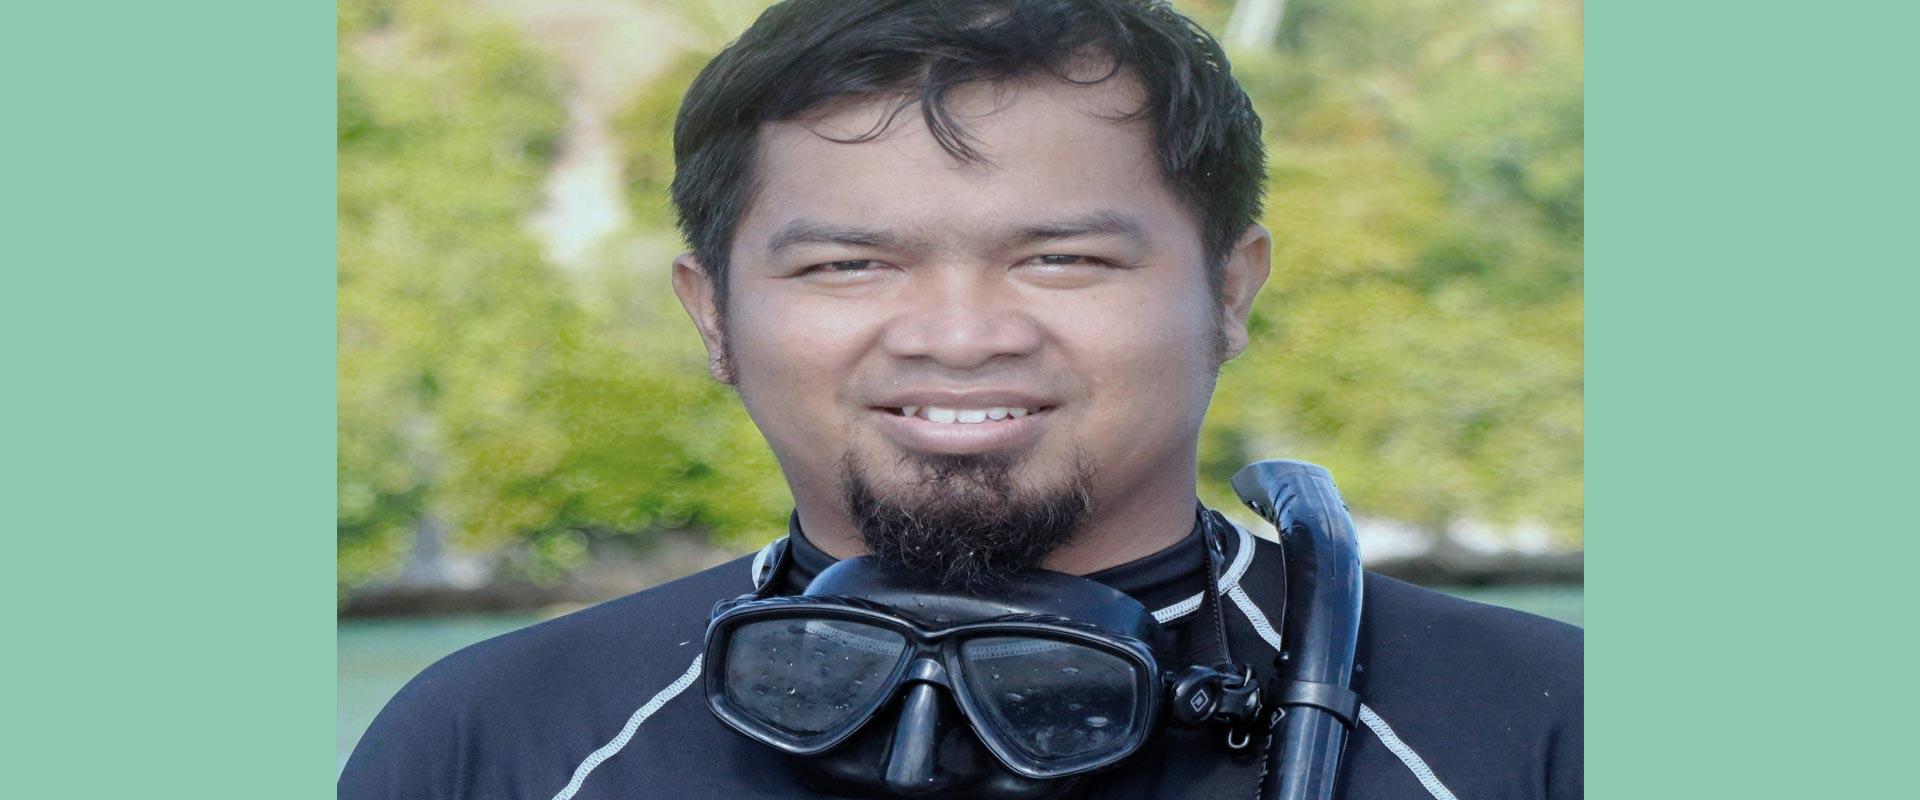 Edy-Setyawan-header2